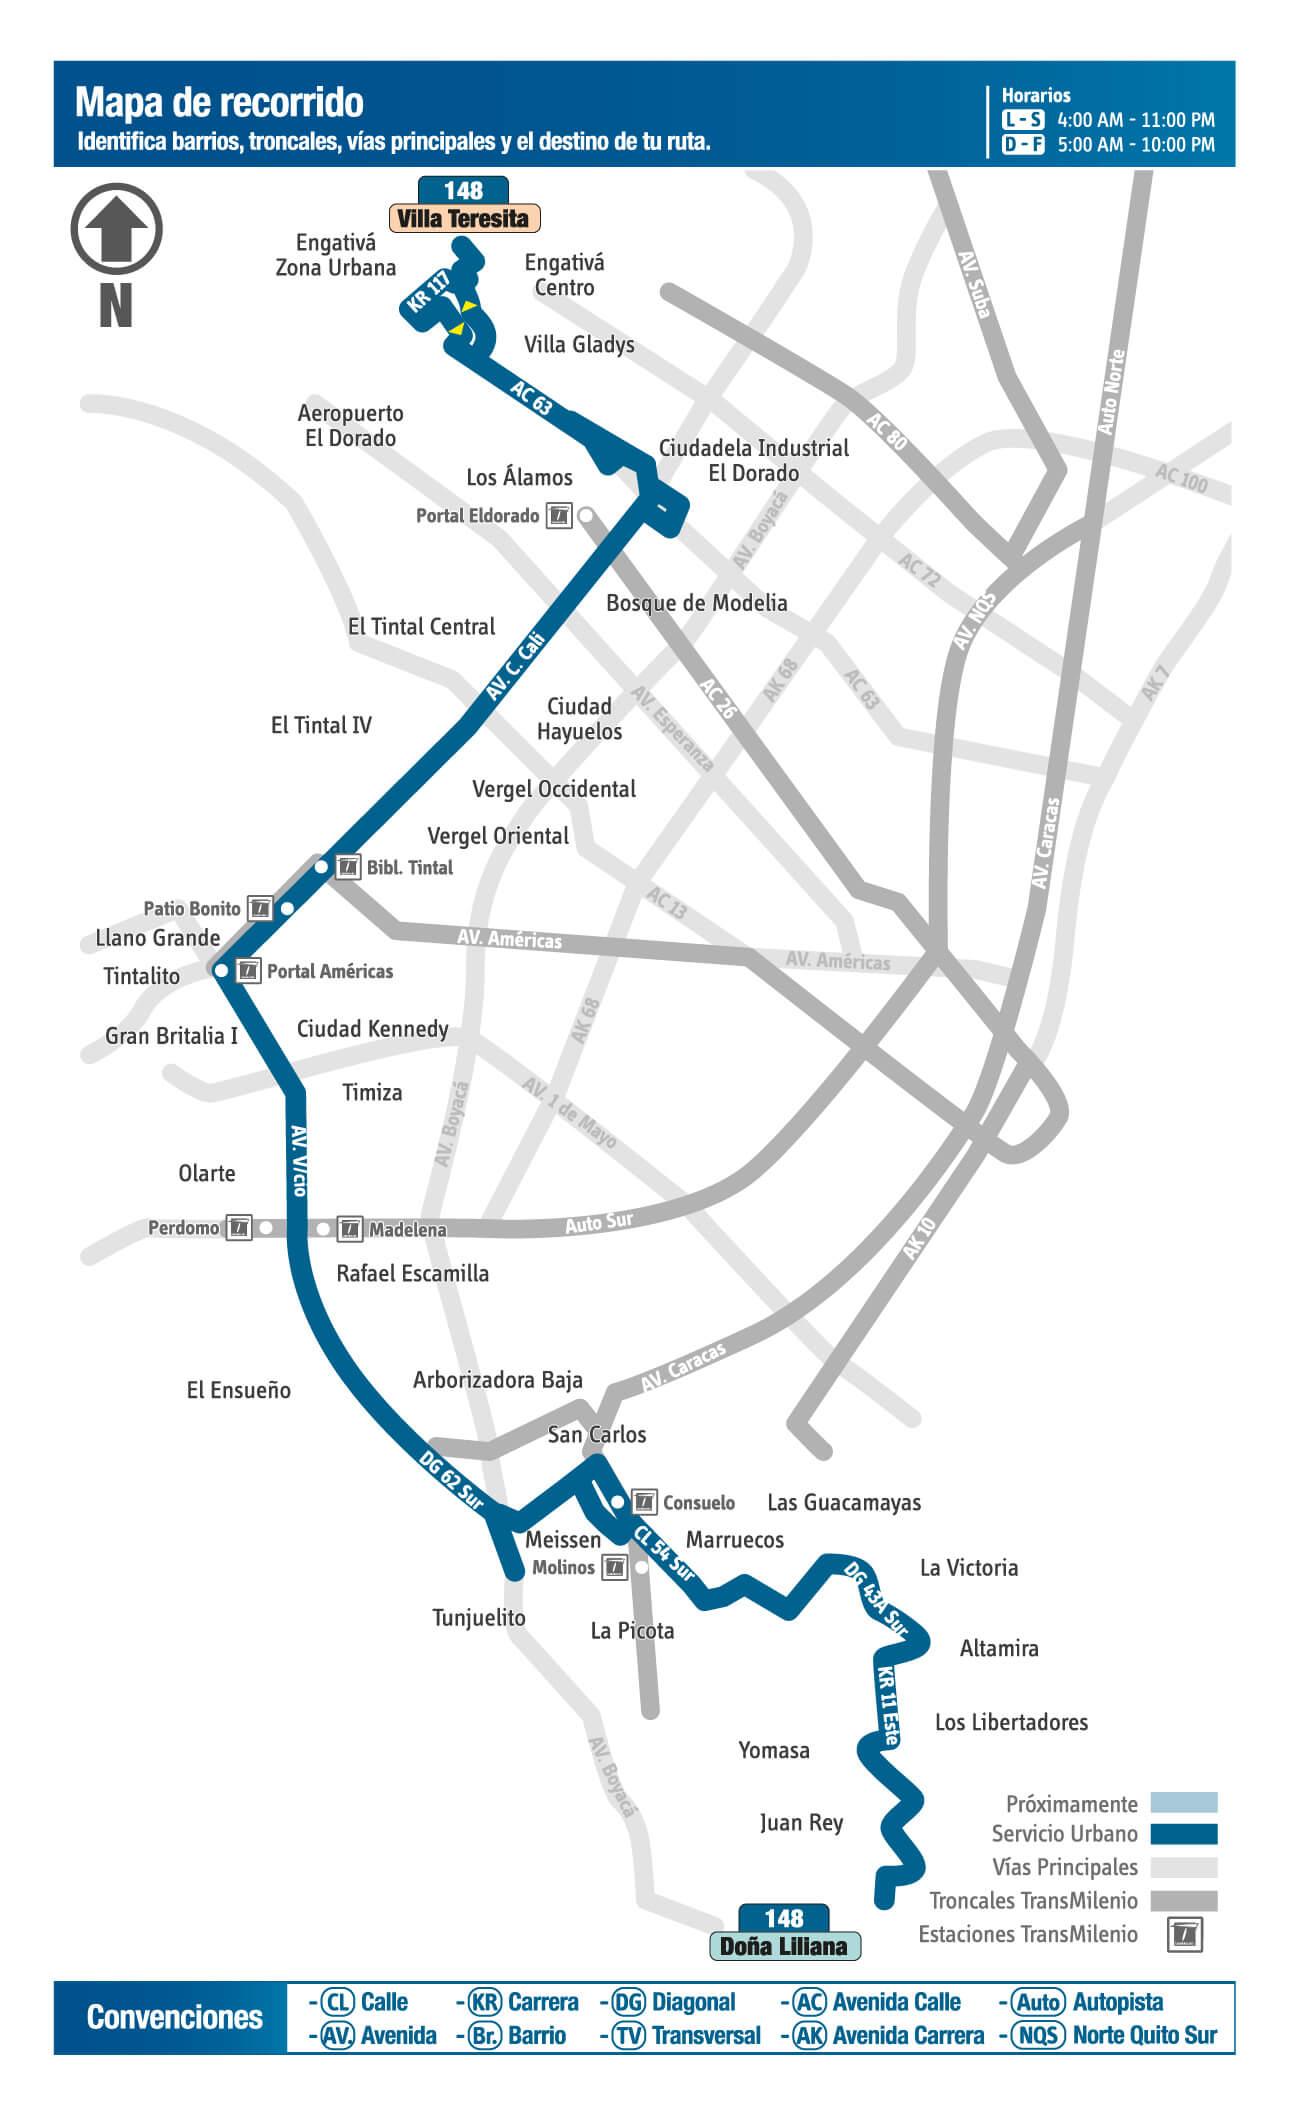 mapa de la ruta 148 del Sitp de bogota